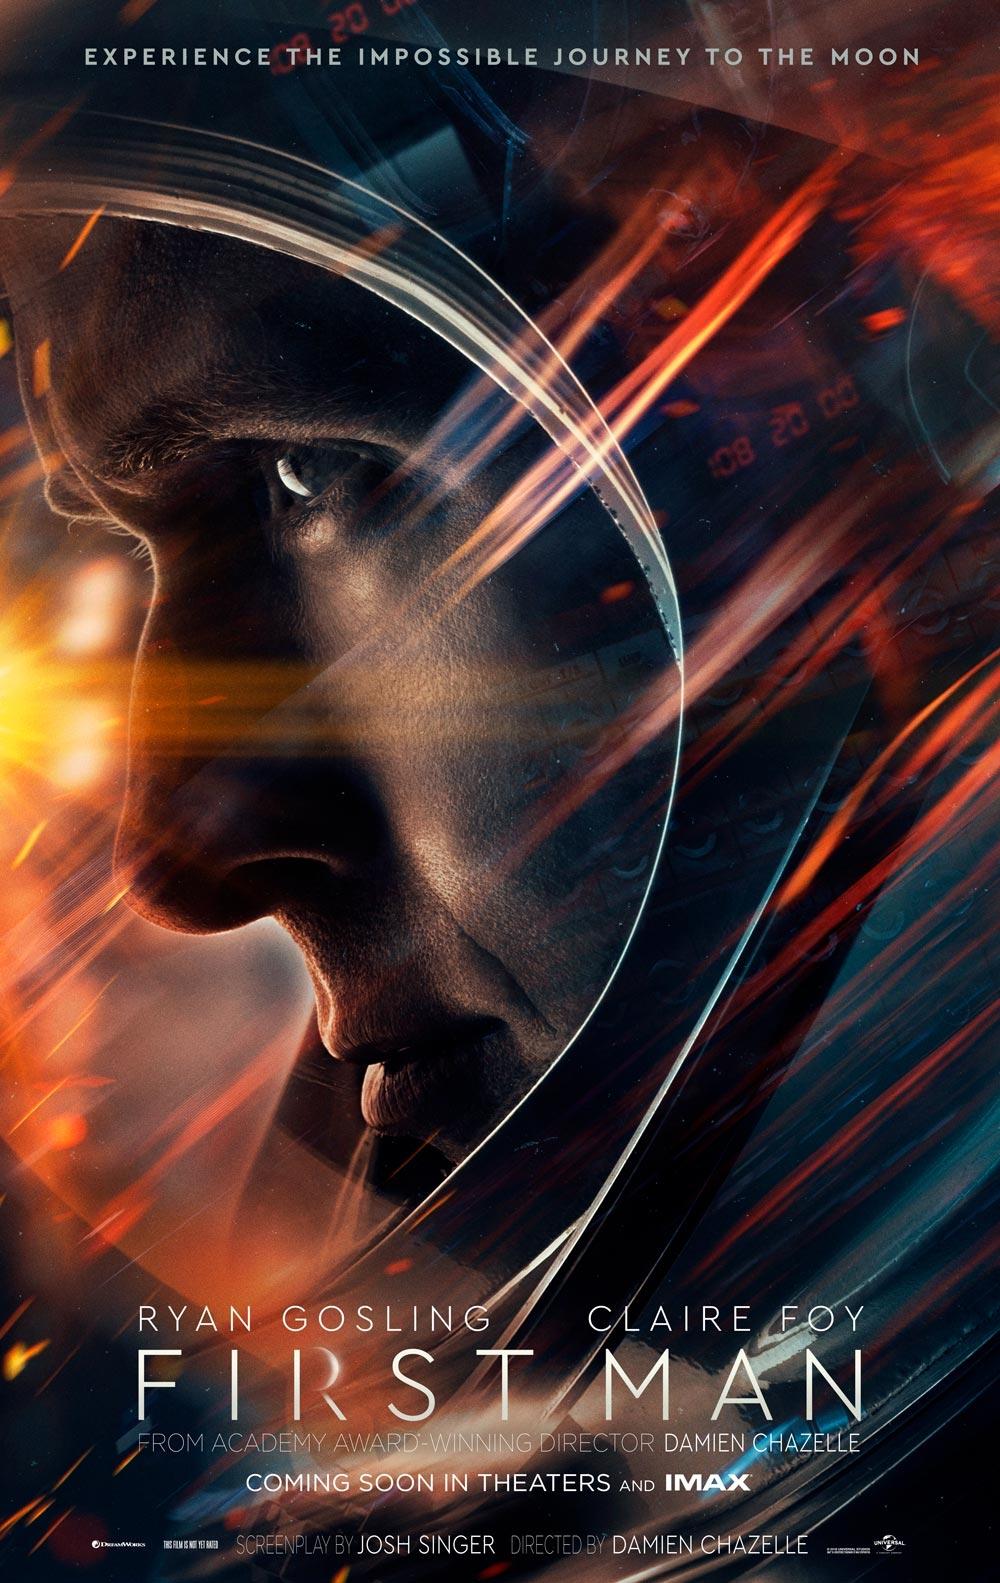 O Primeiro Homem (First Man) - Poster - Resenha.jpg